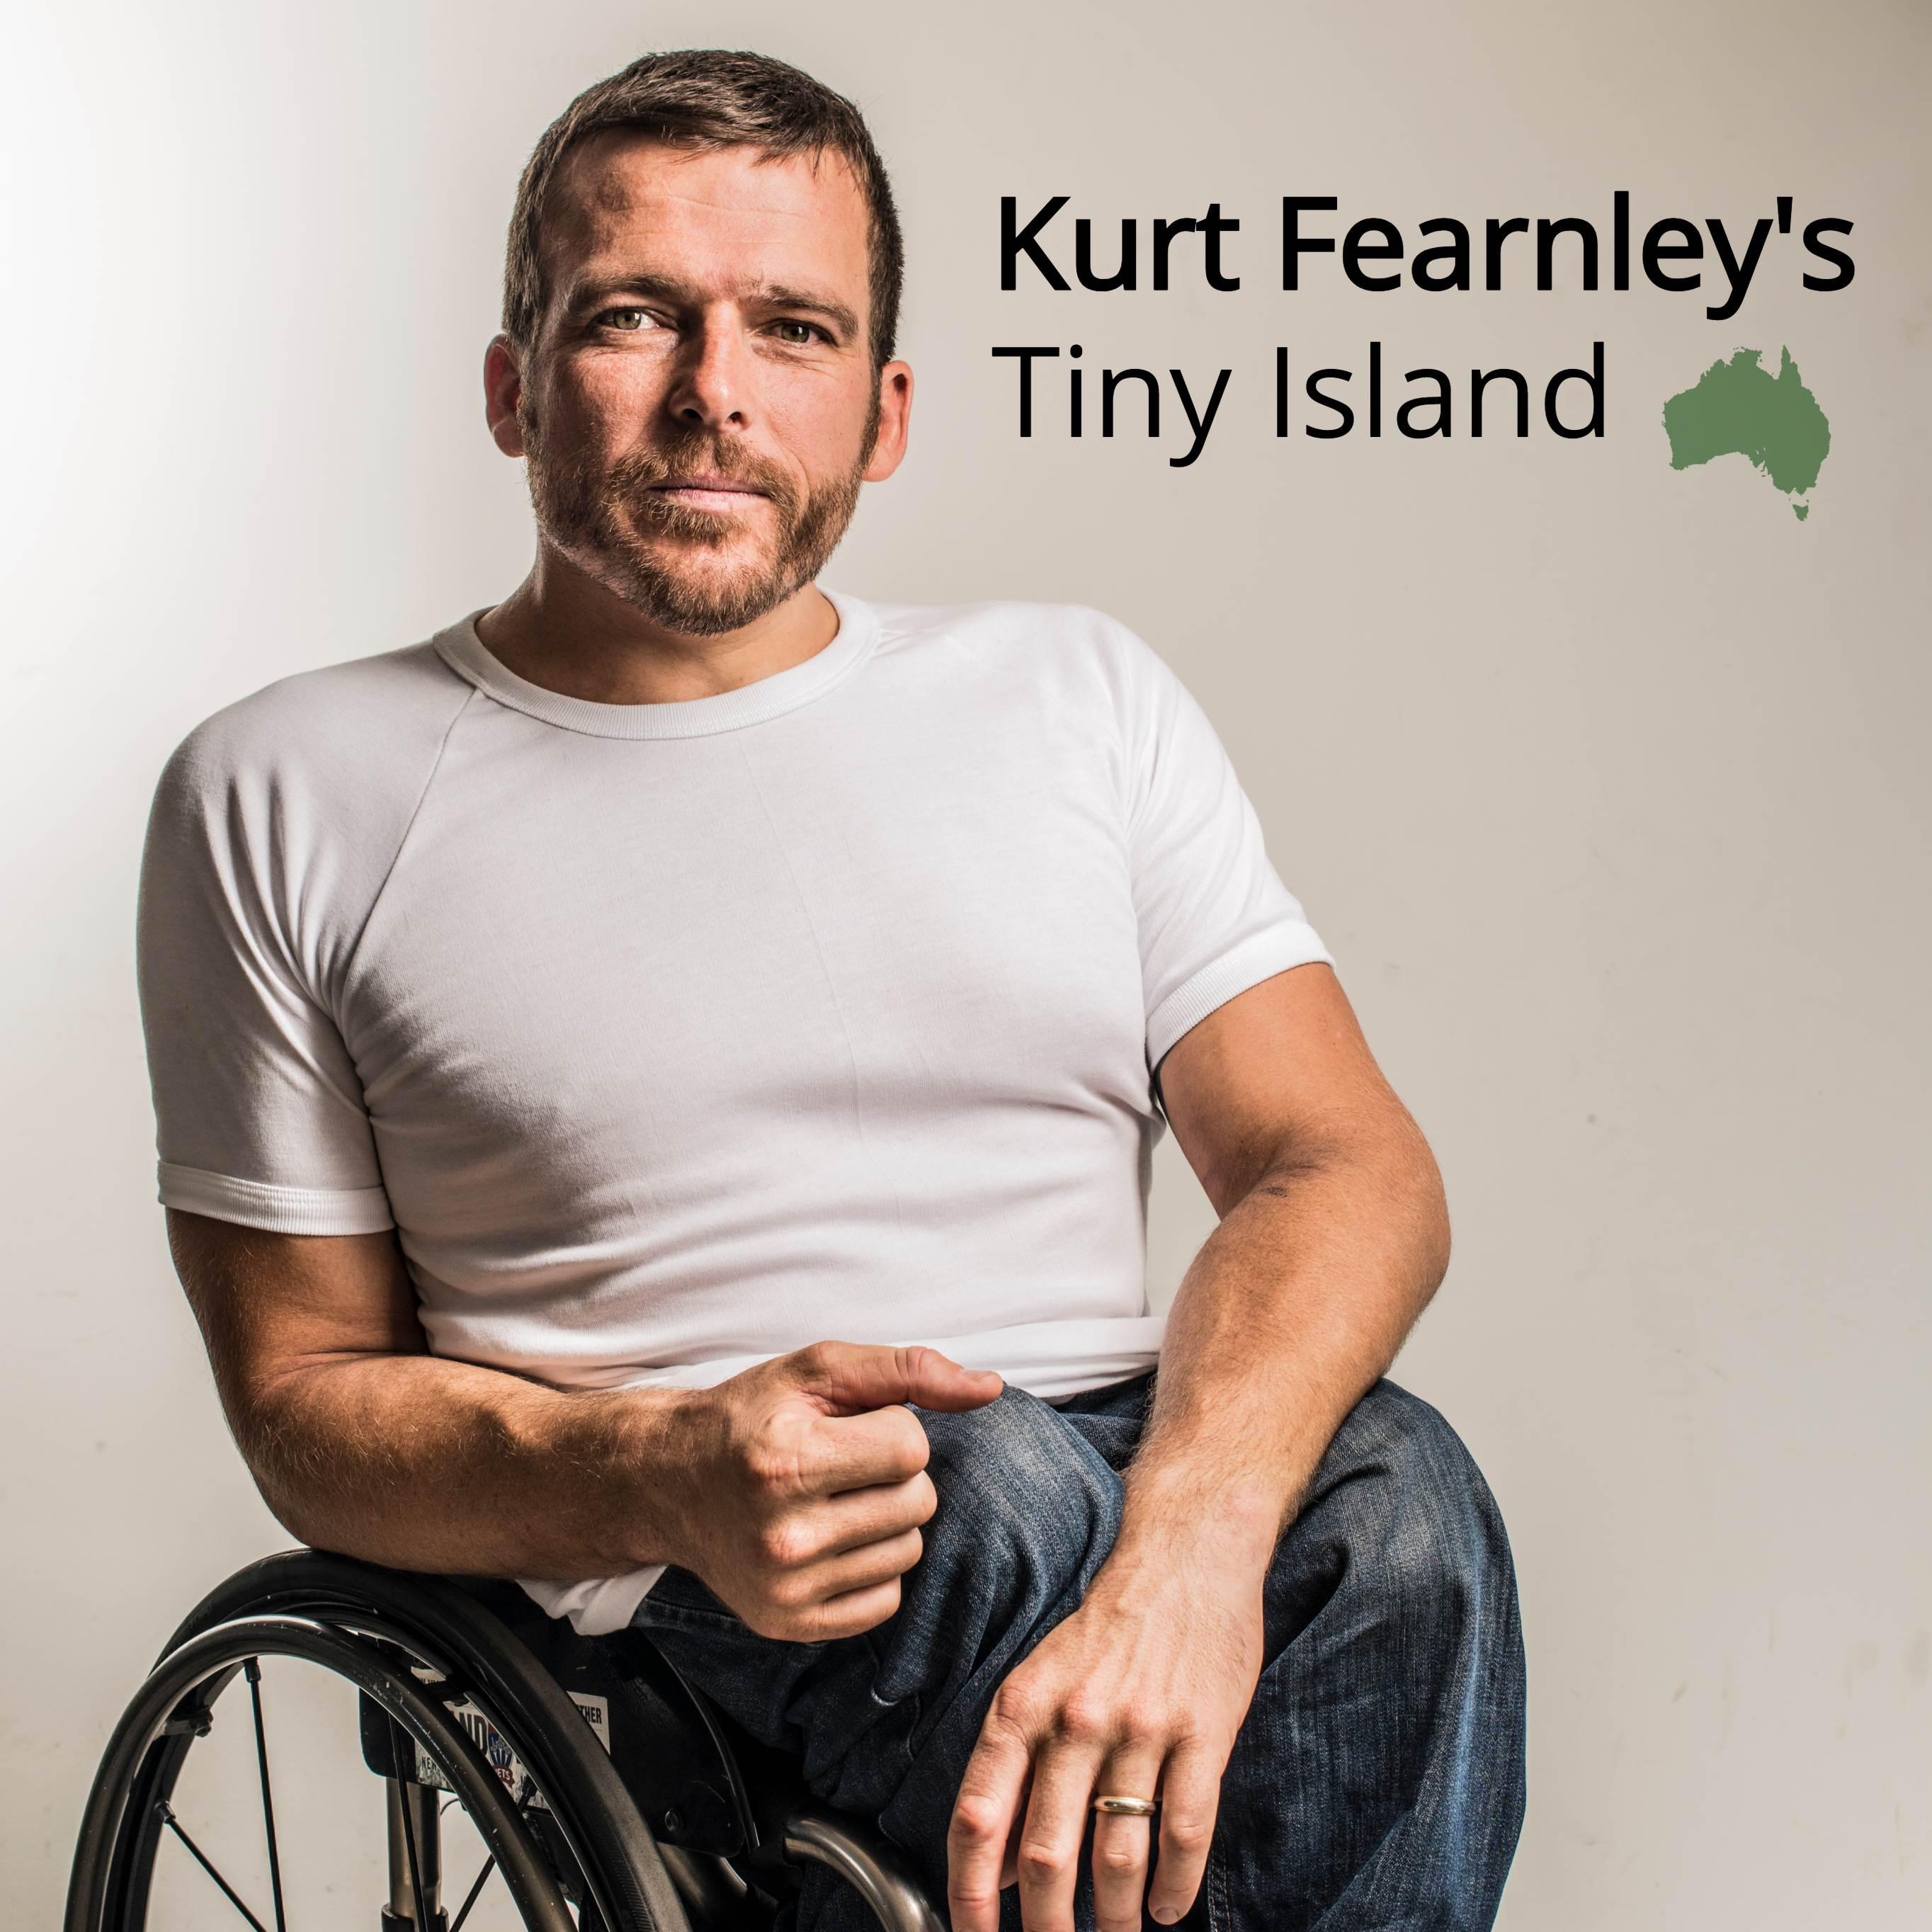 Kurt Fearnley's Tiny Island: Mark Hughes